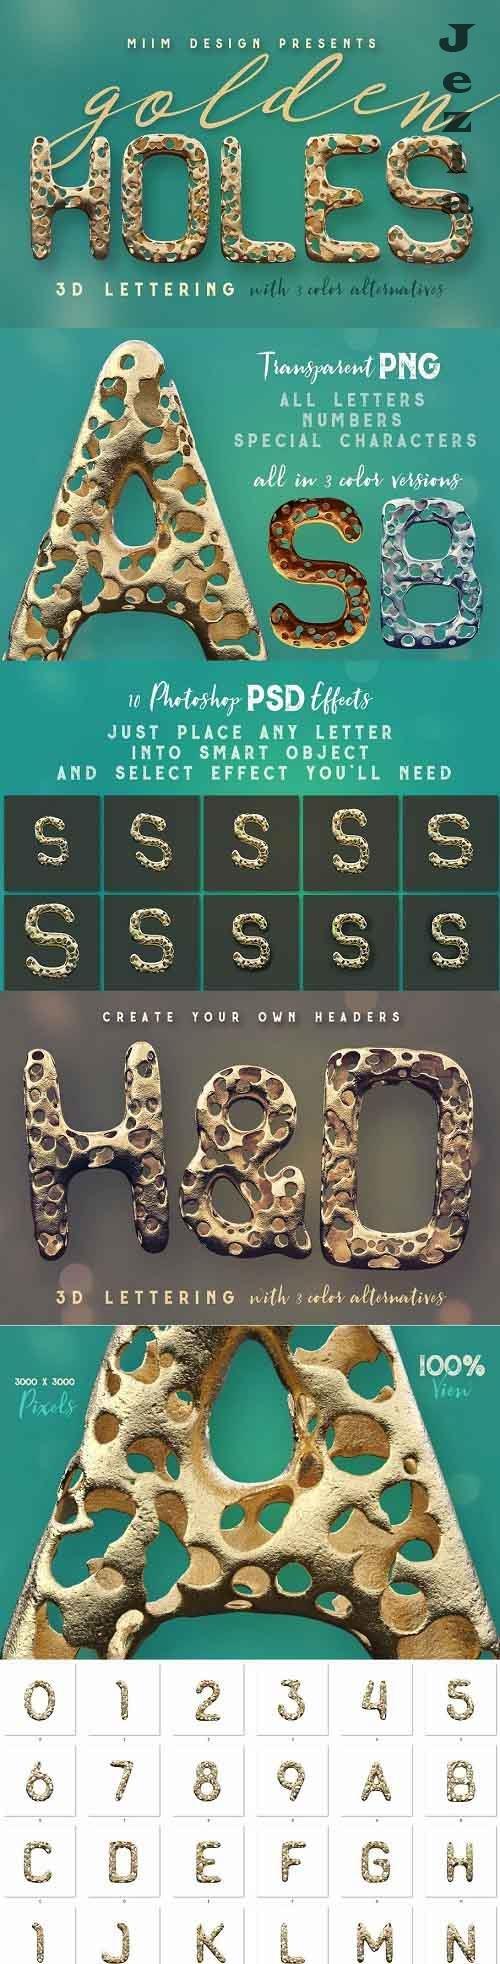 Full Of Holes - Golden 3D Lettering - 1702957